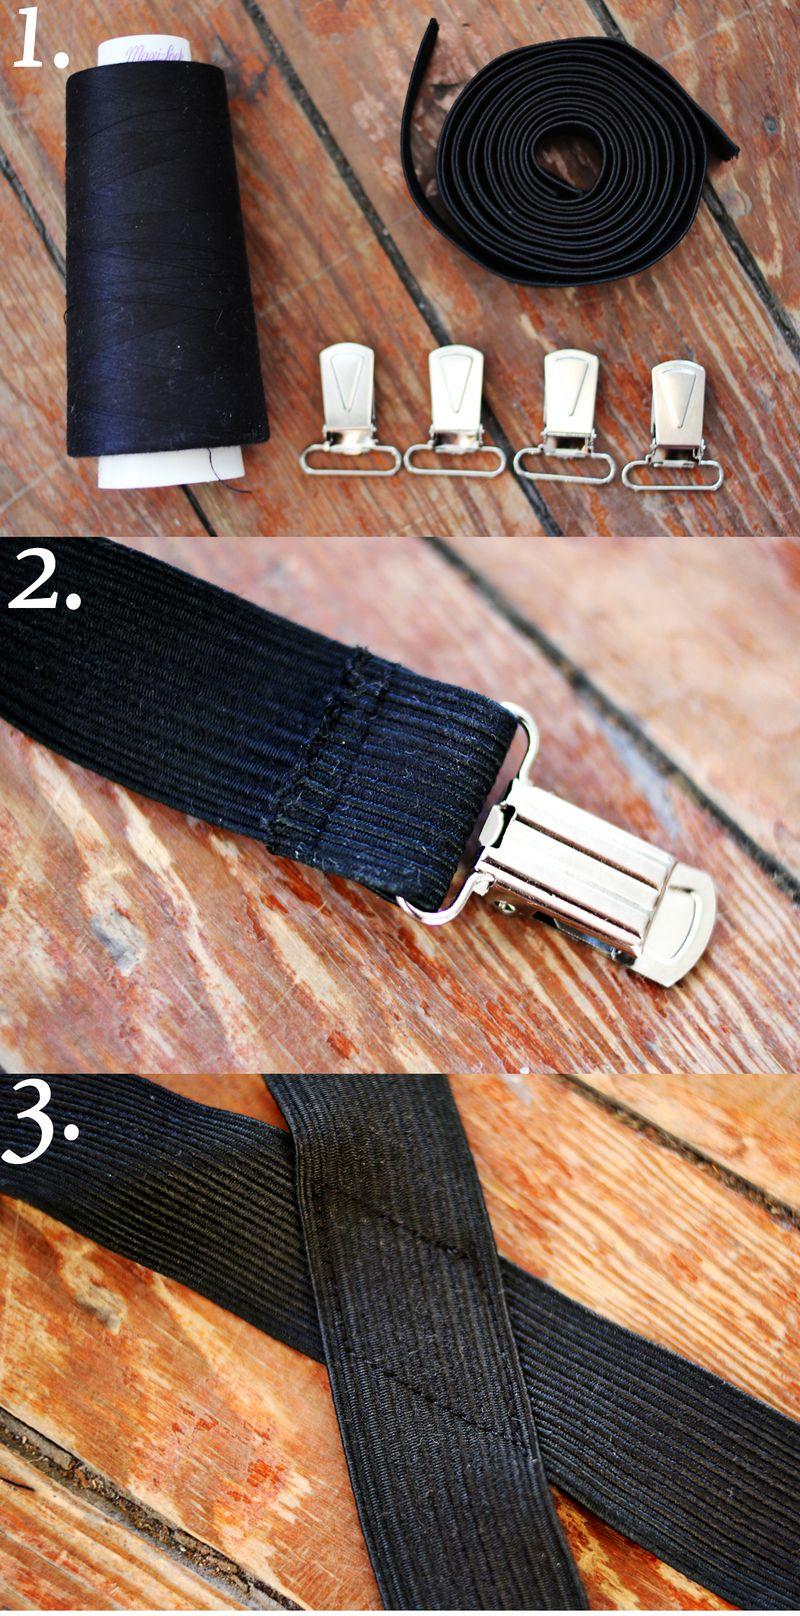 Suspenders steps